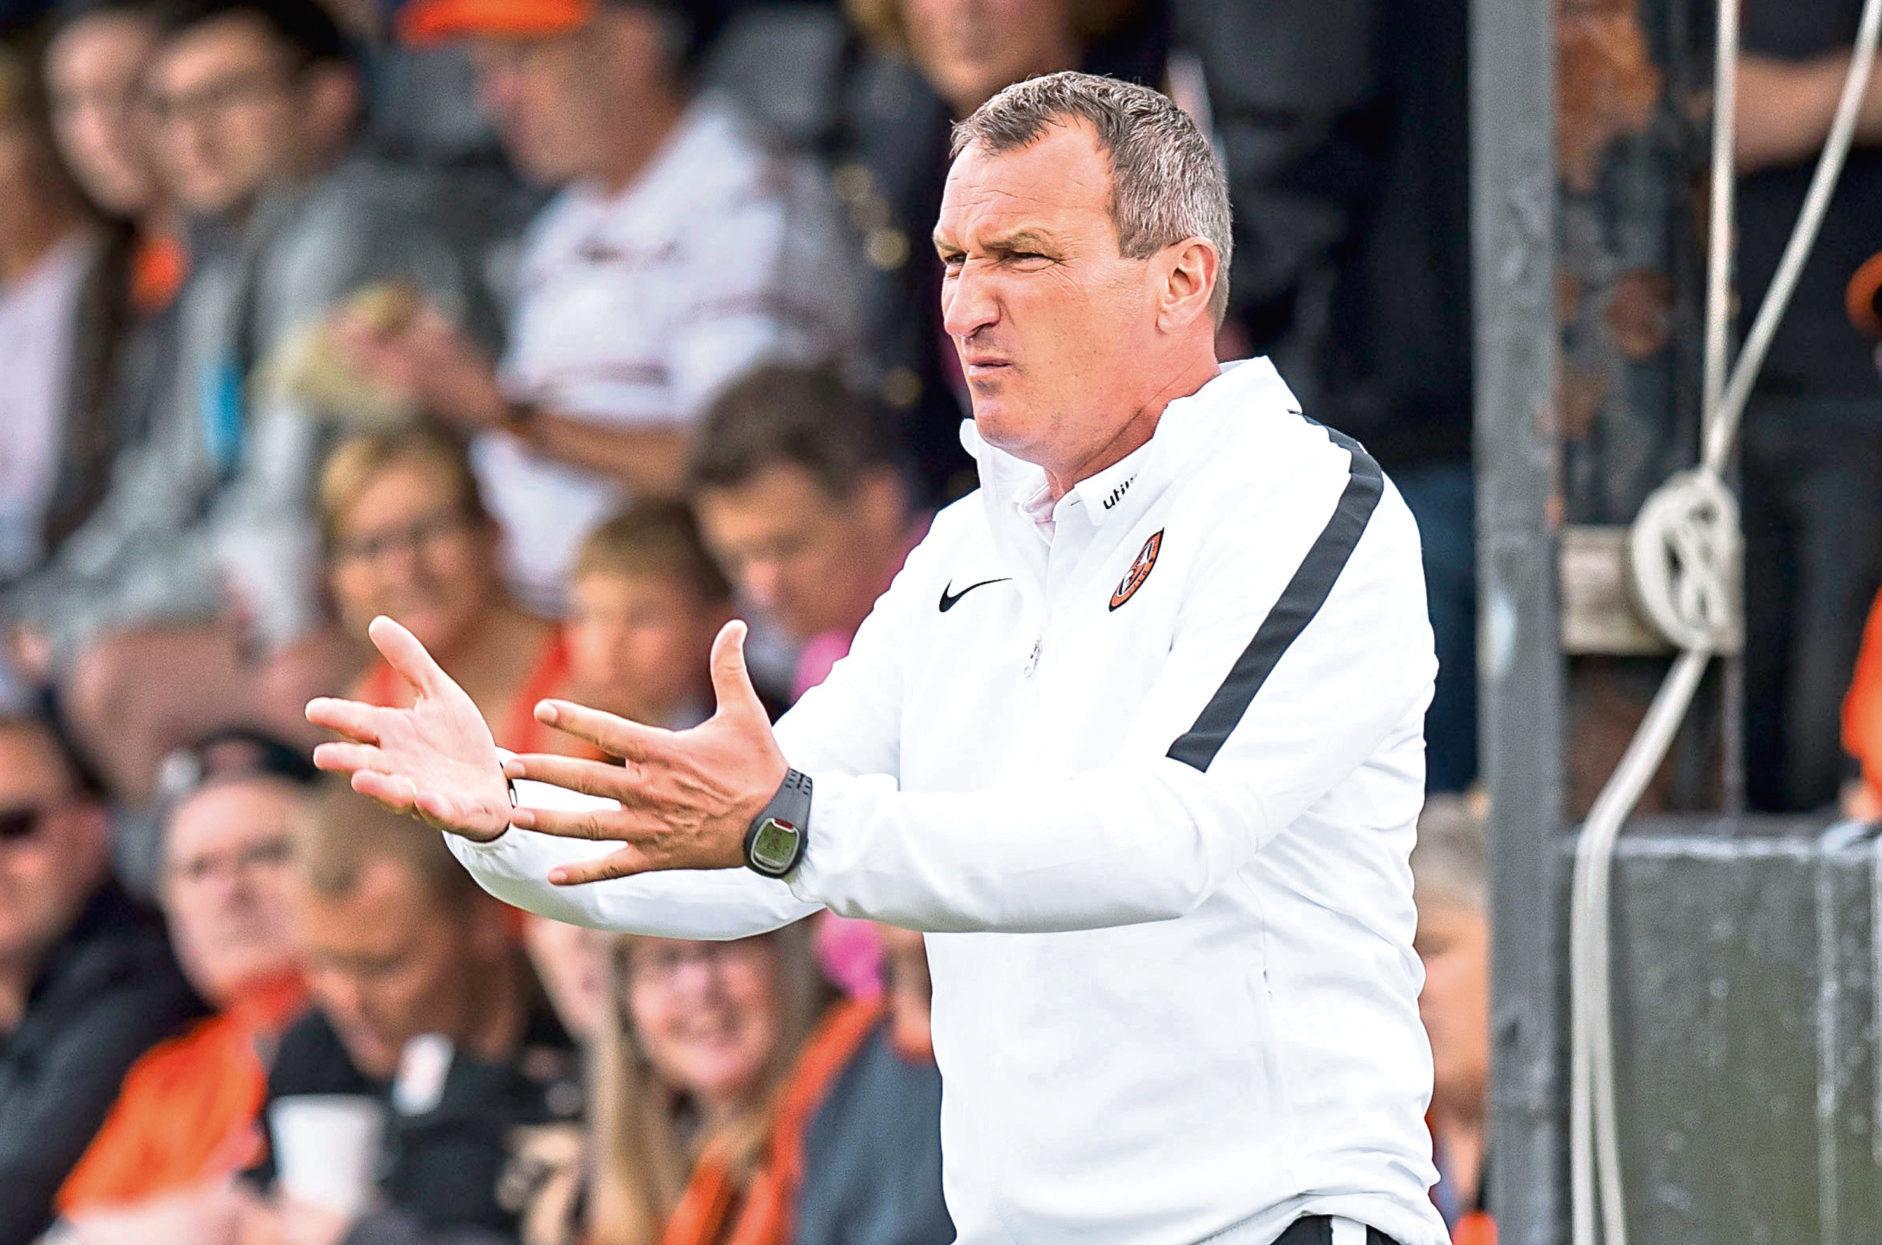 Dundee United manager Csaba Laszlo